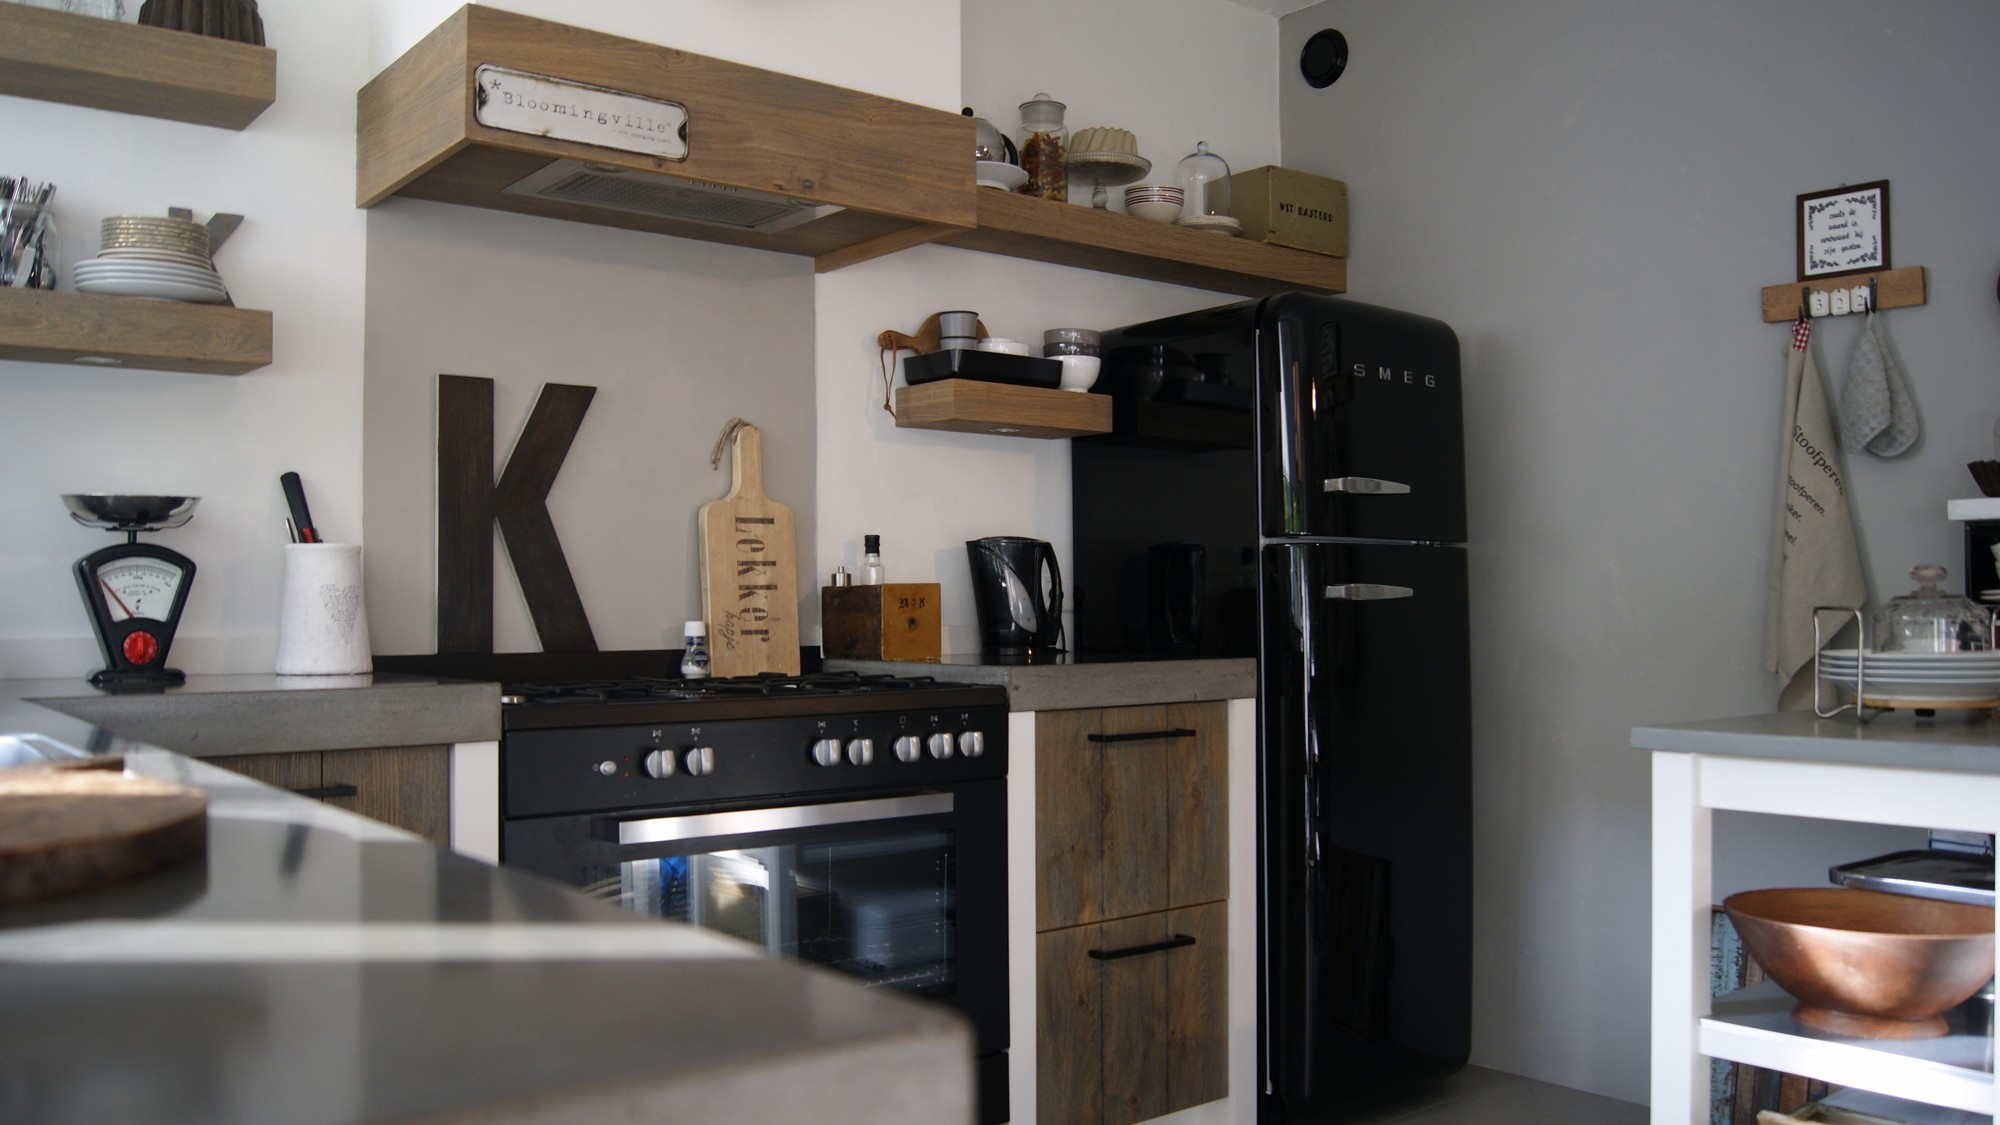 Jacob nieuwe keuken en vloer opgeleverd keuken eiken gestraald voorzien van betonnen werkblad - Nieuwe keuken ...